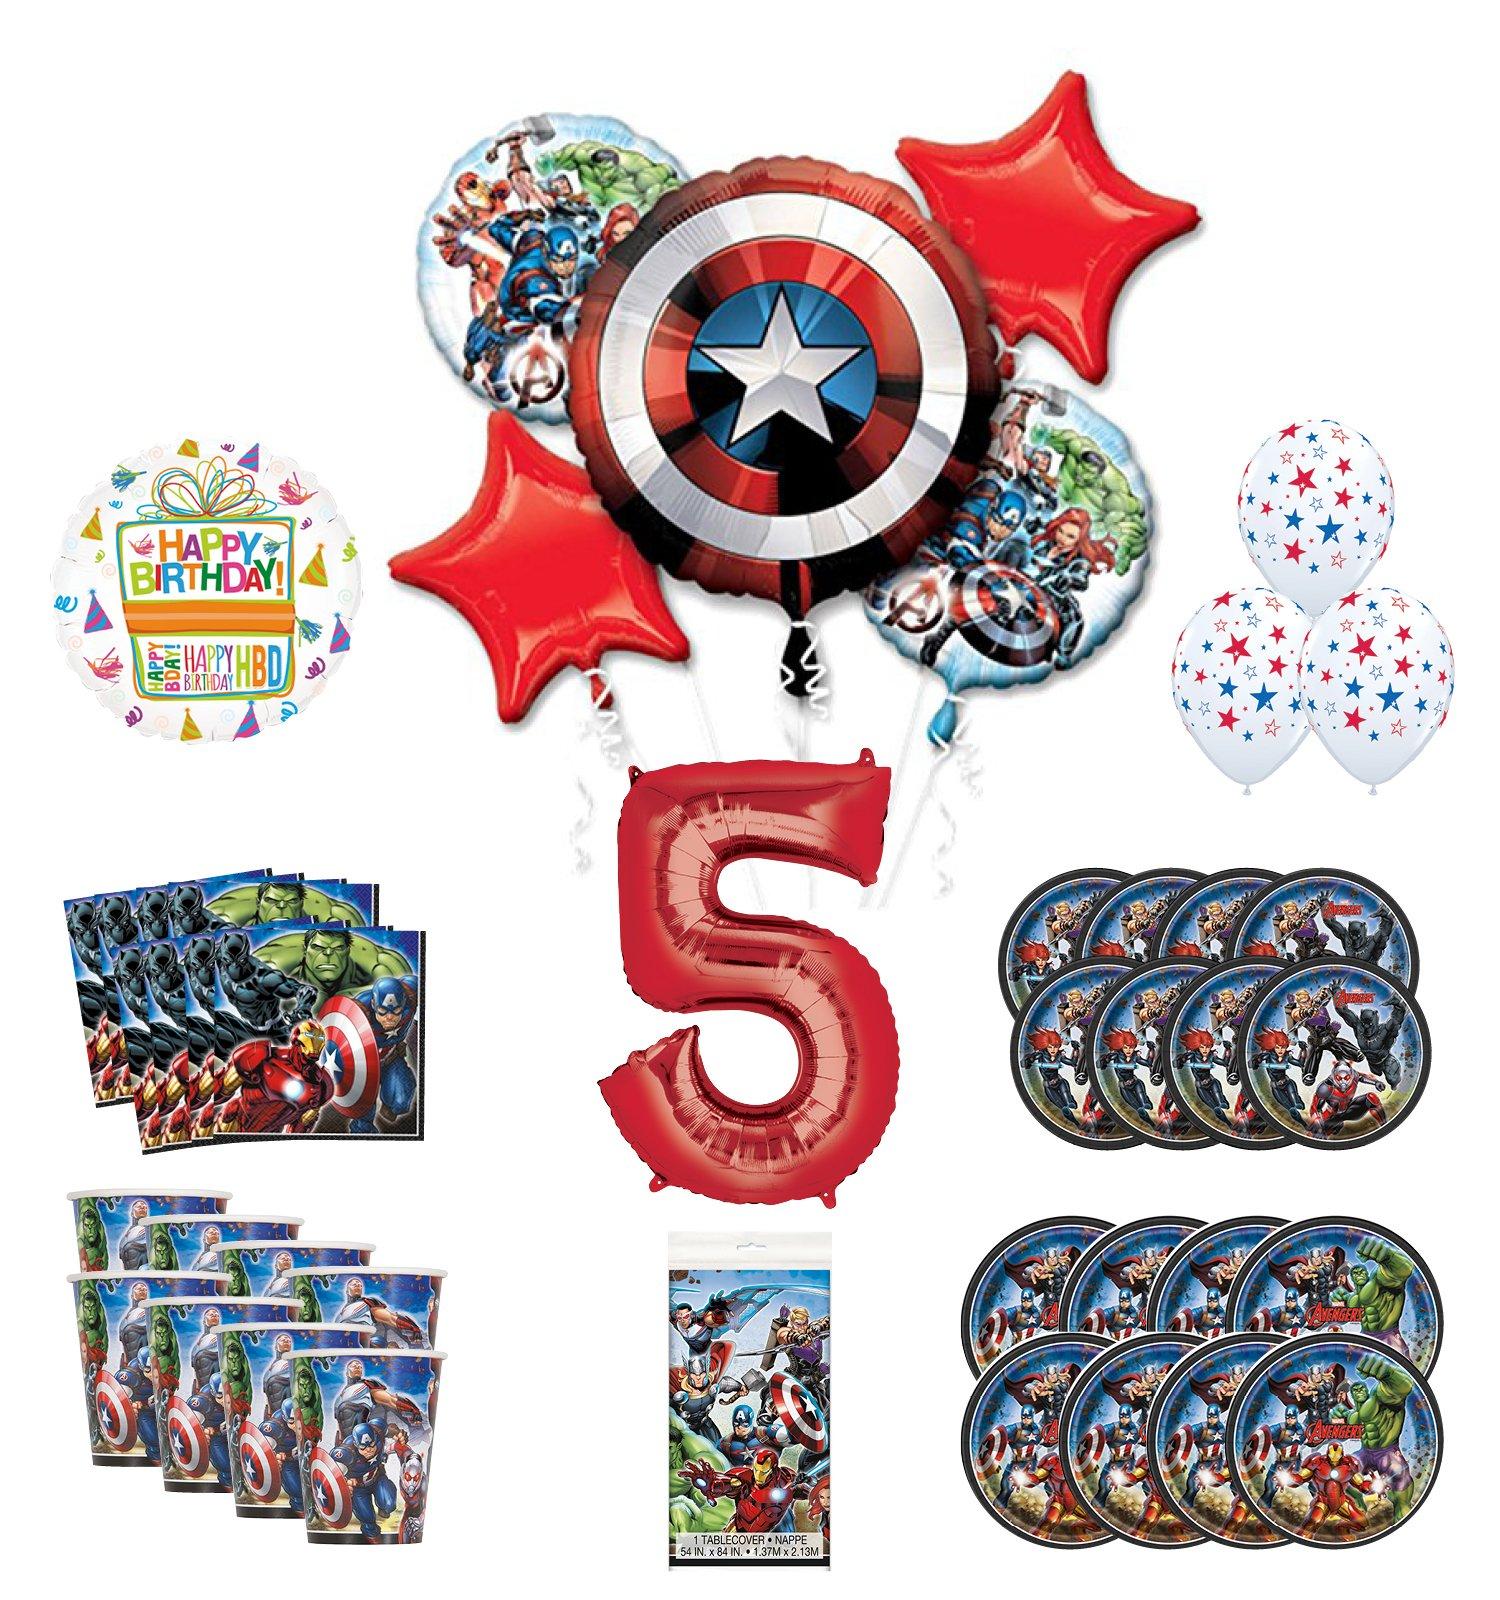 Iron Man 2 Balloon Table Decoration Kit 5pc